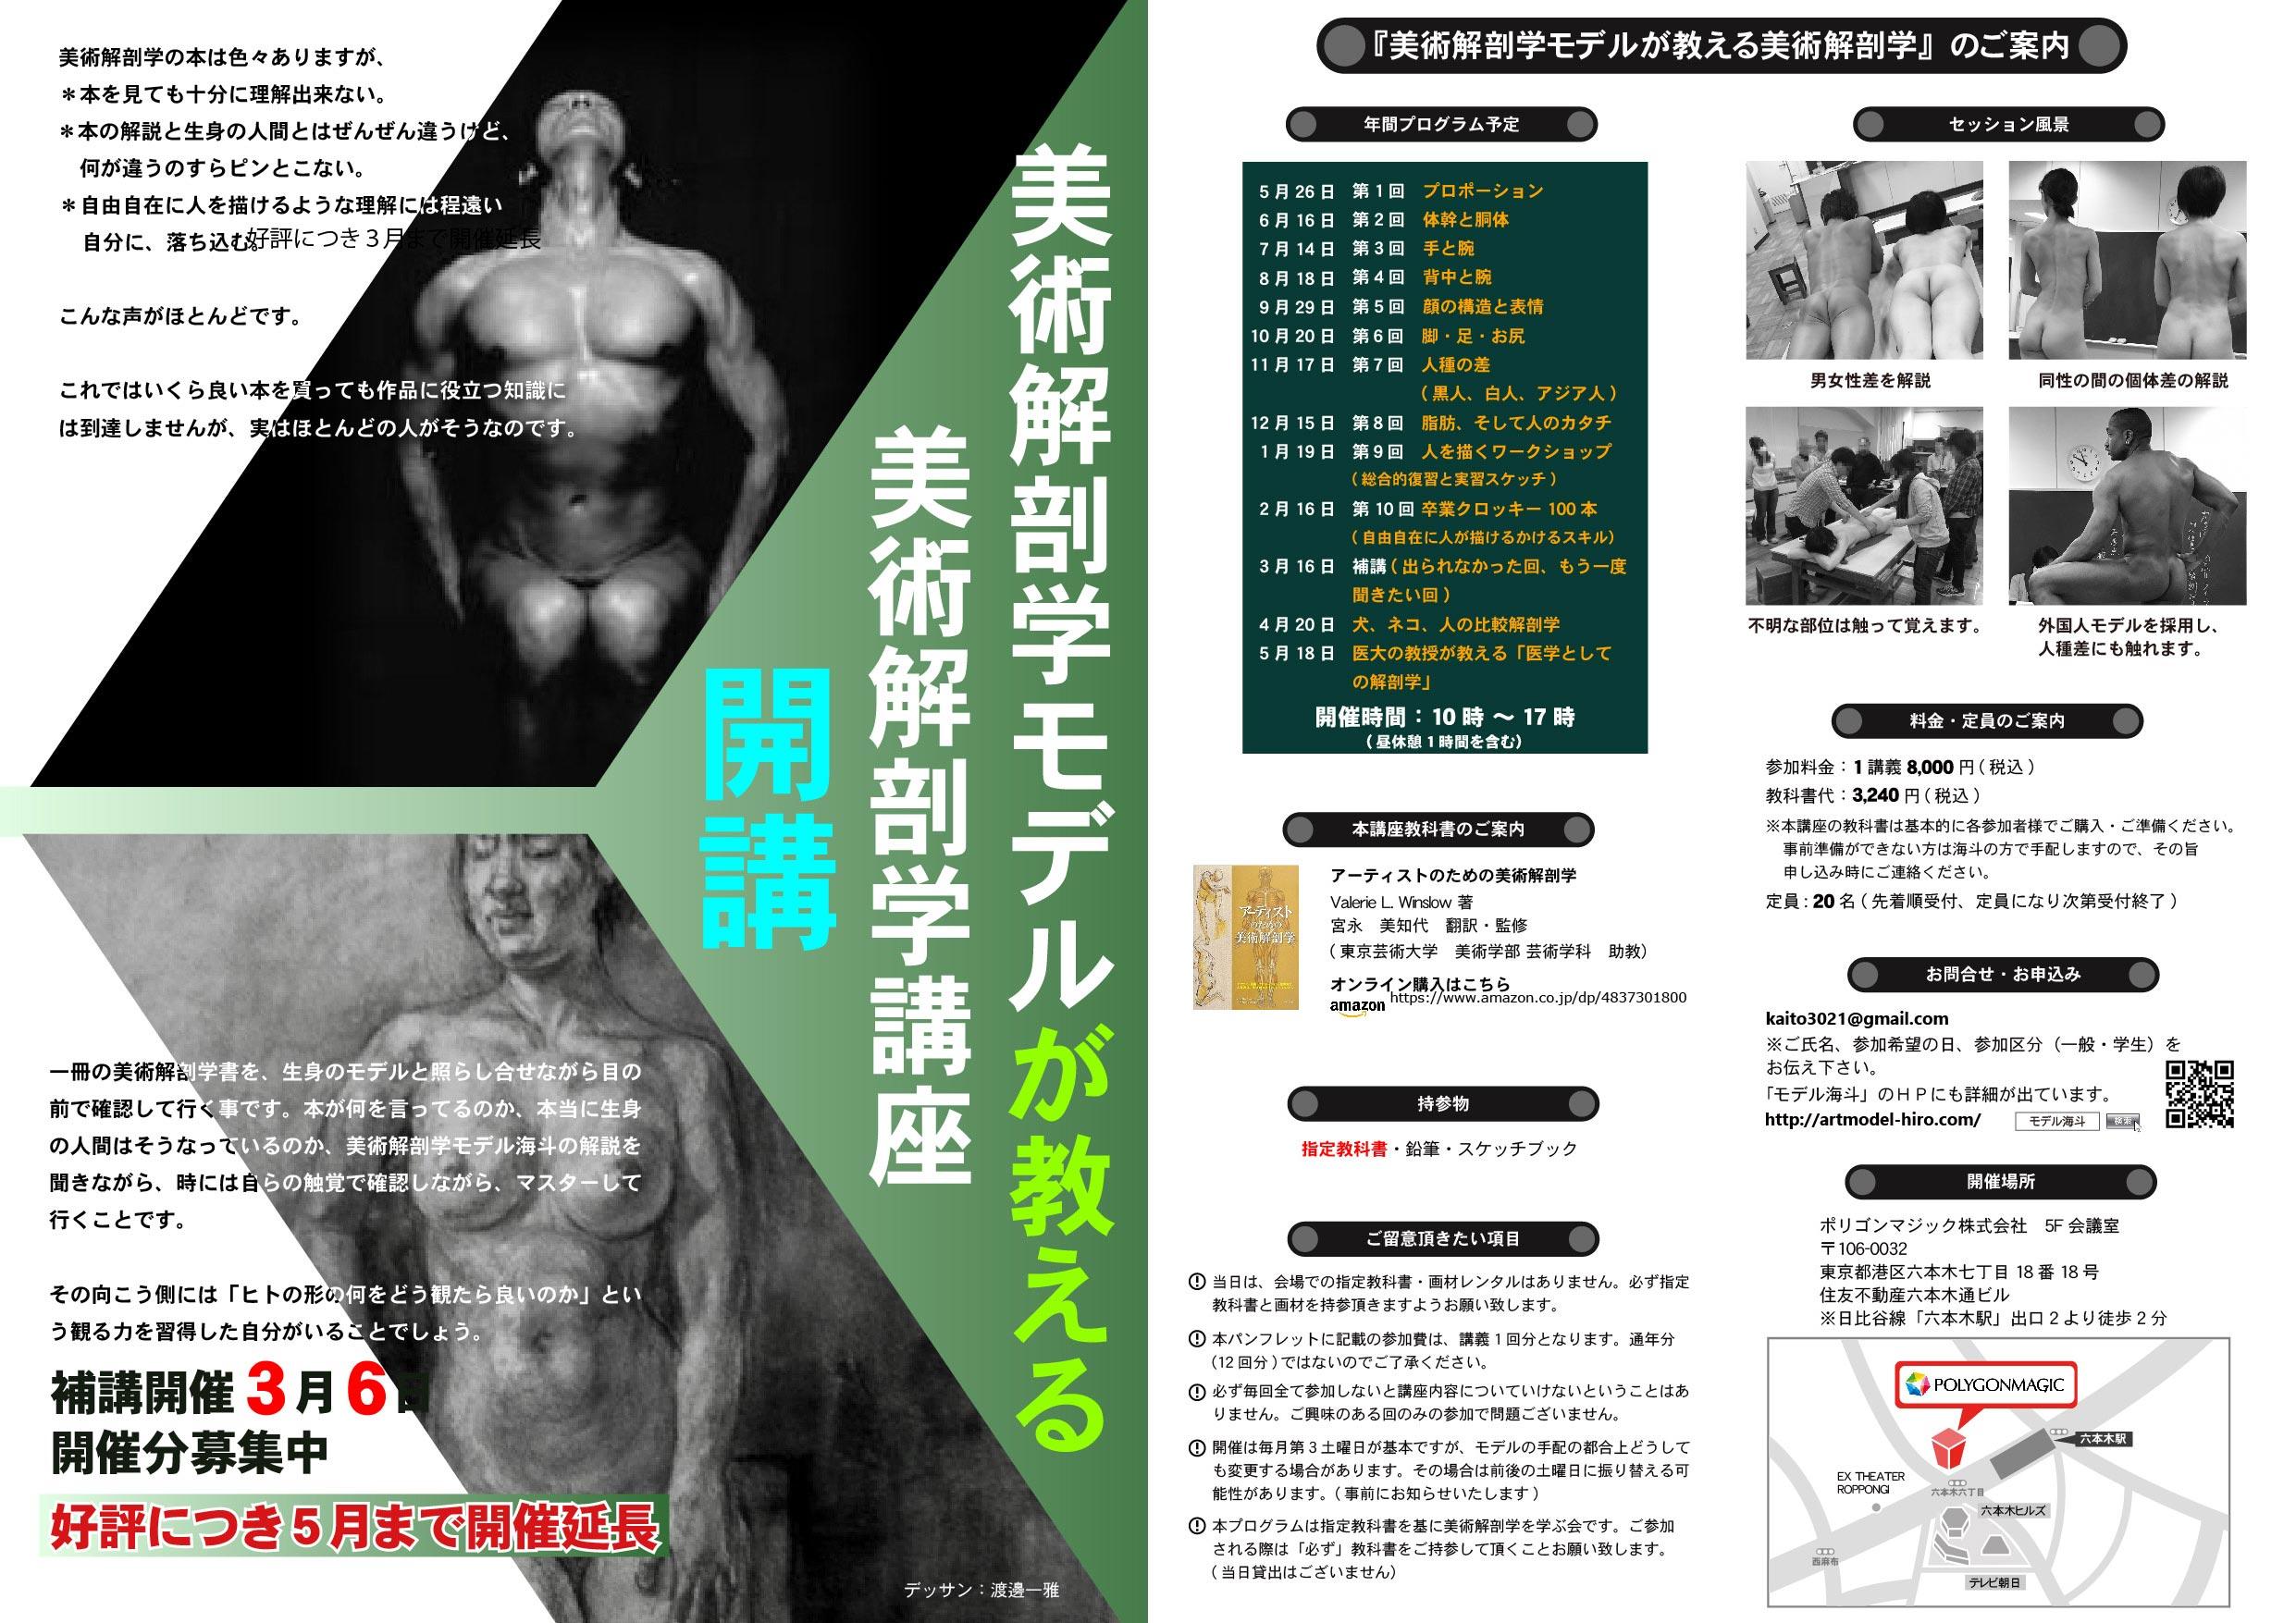 美術解剖学2018シリーズイベント